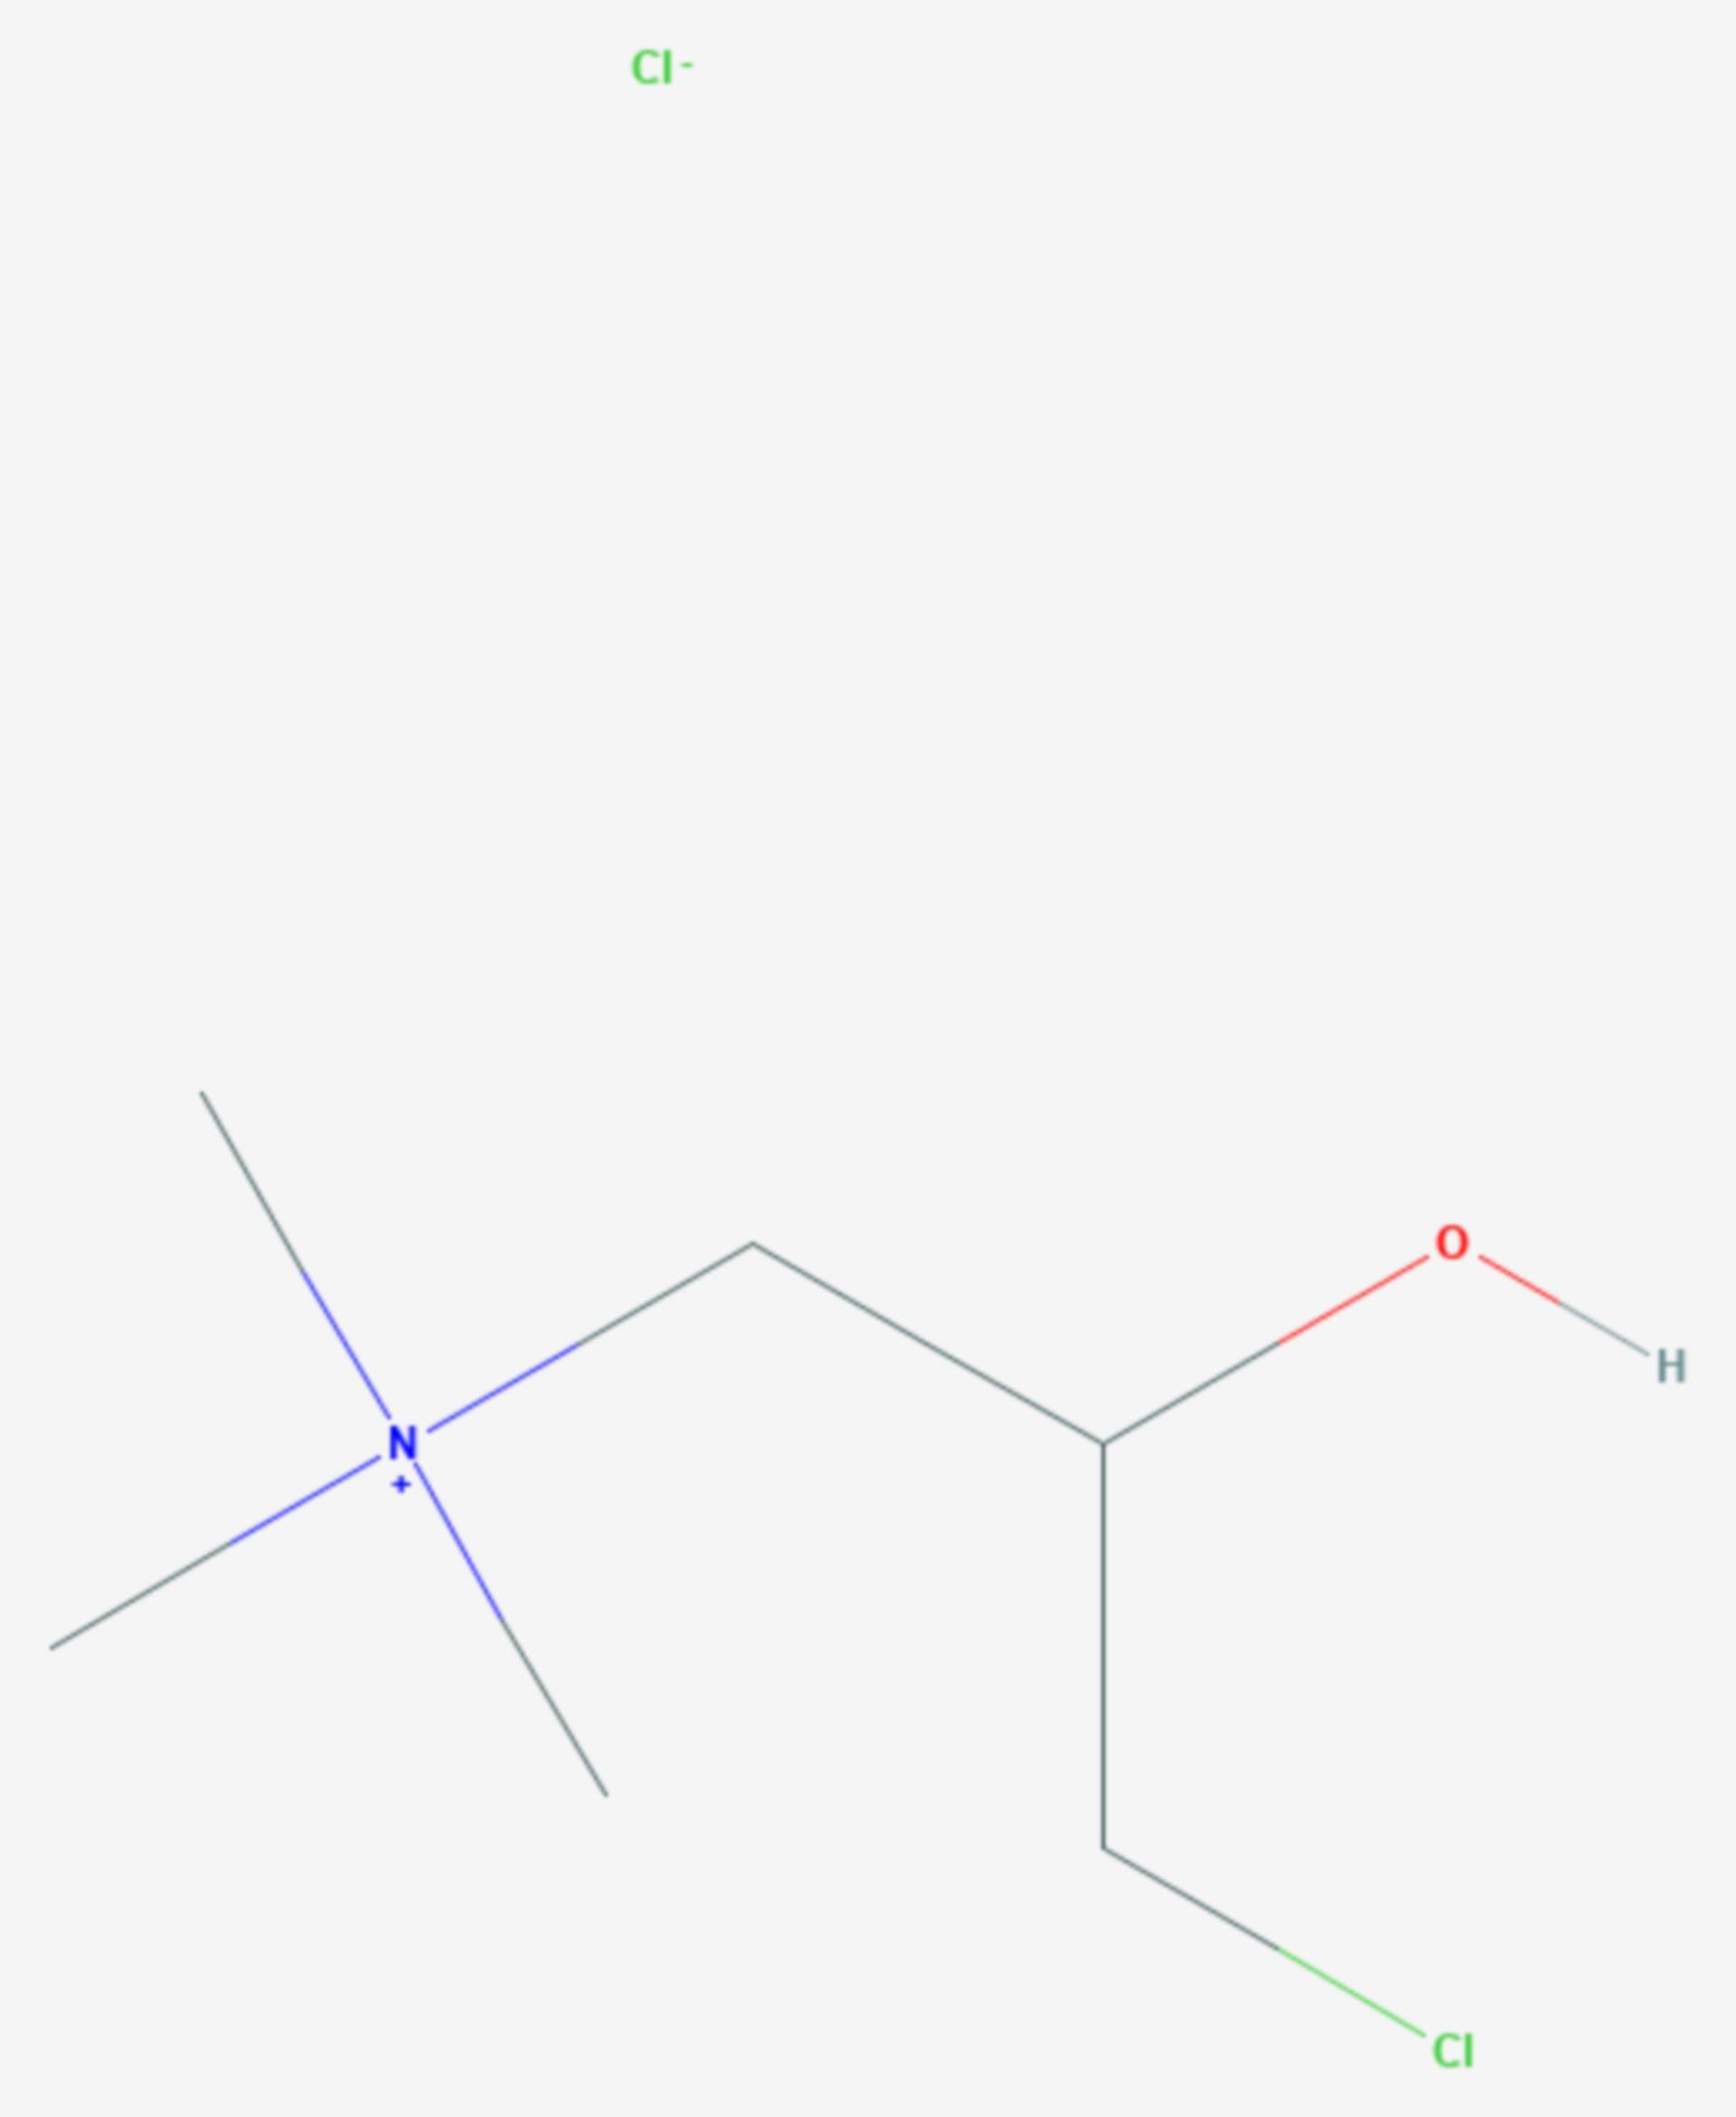 3-Chlor-2-hydroxypropyl-N,N,N-trimethylammoniumchlorid (Strukturformel)